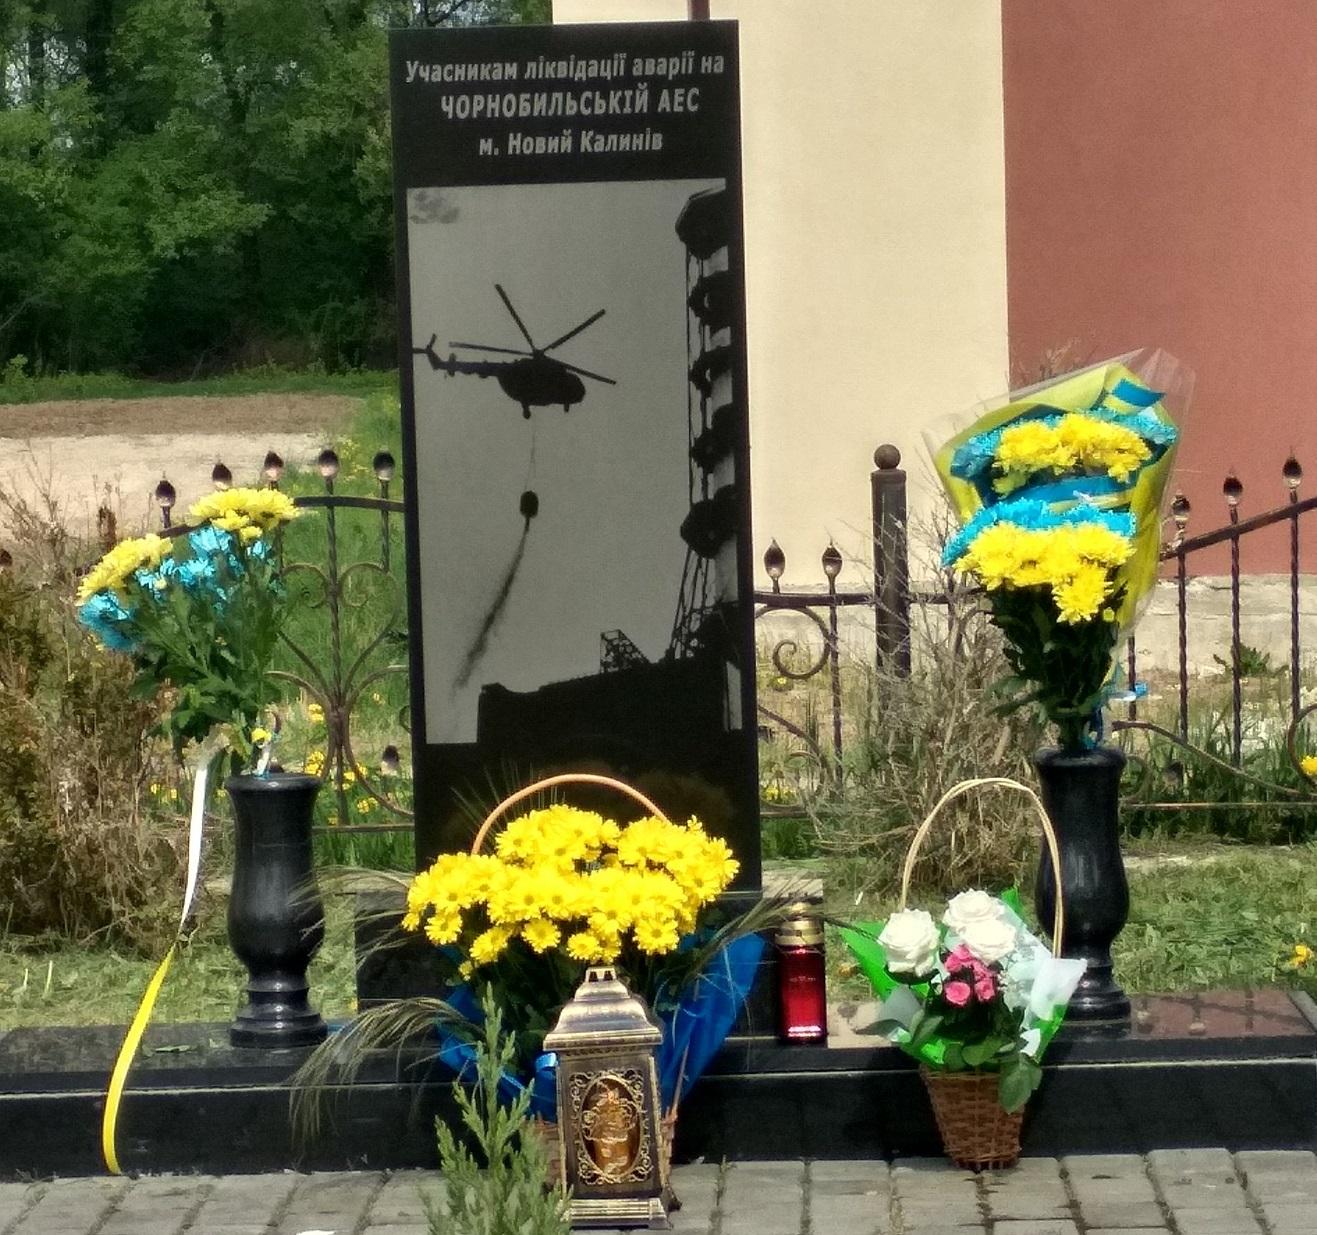 Novyi Kalyniv pamiatnyk chornobylskii trahedii 26 kvitnia 2020 roku